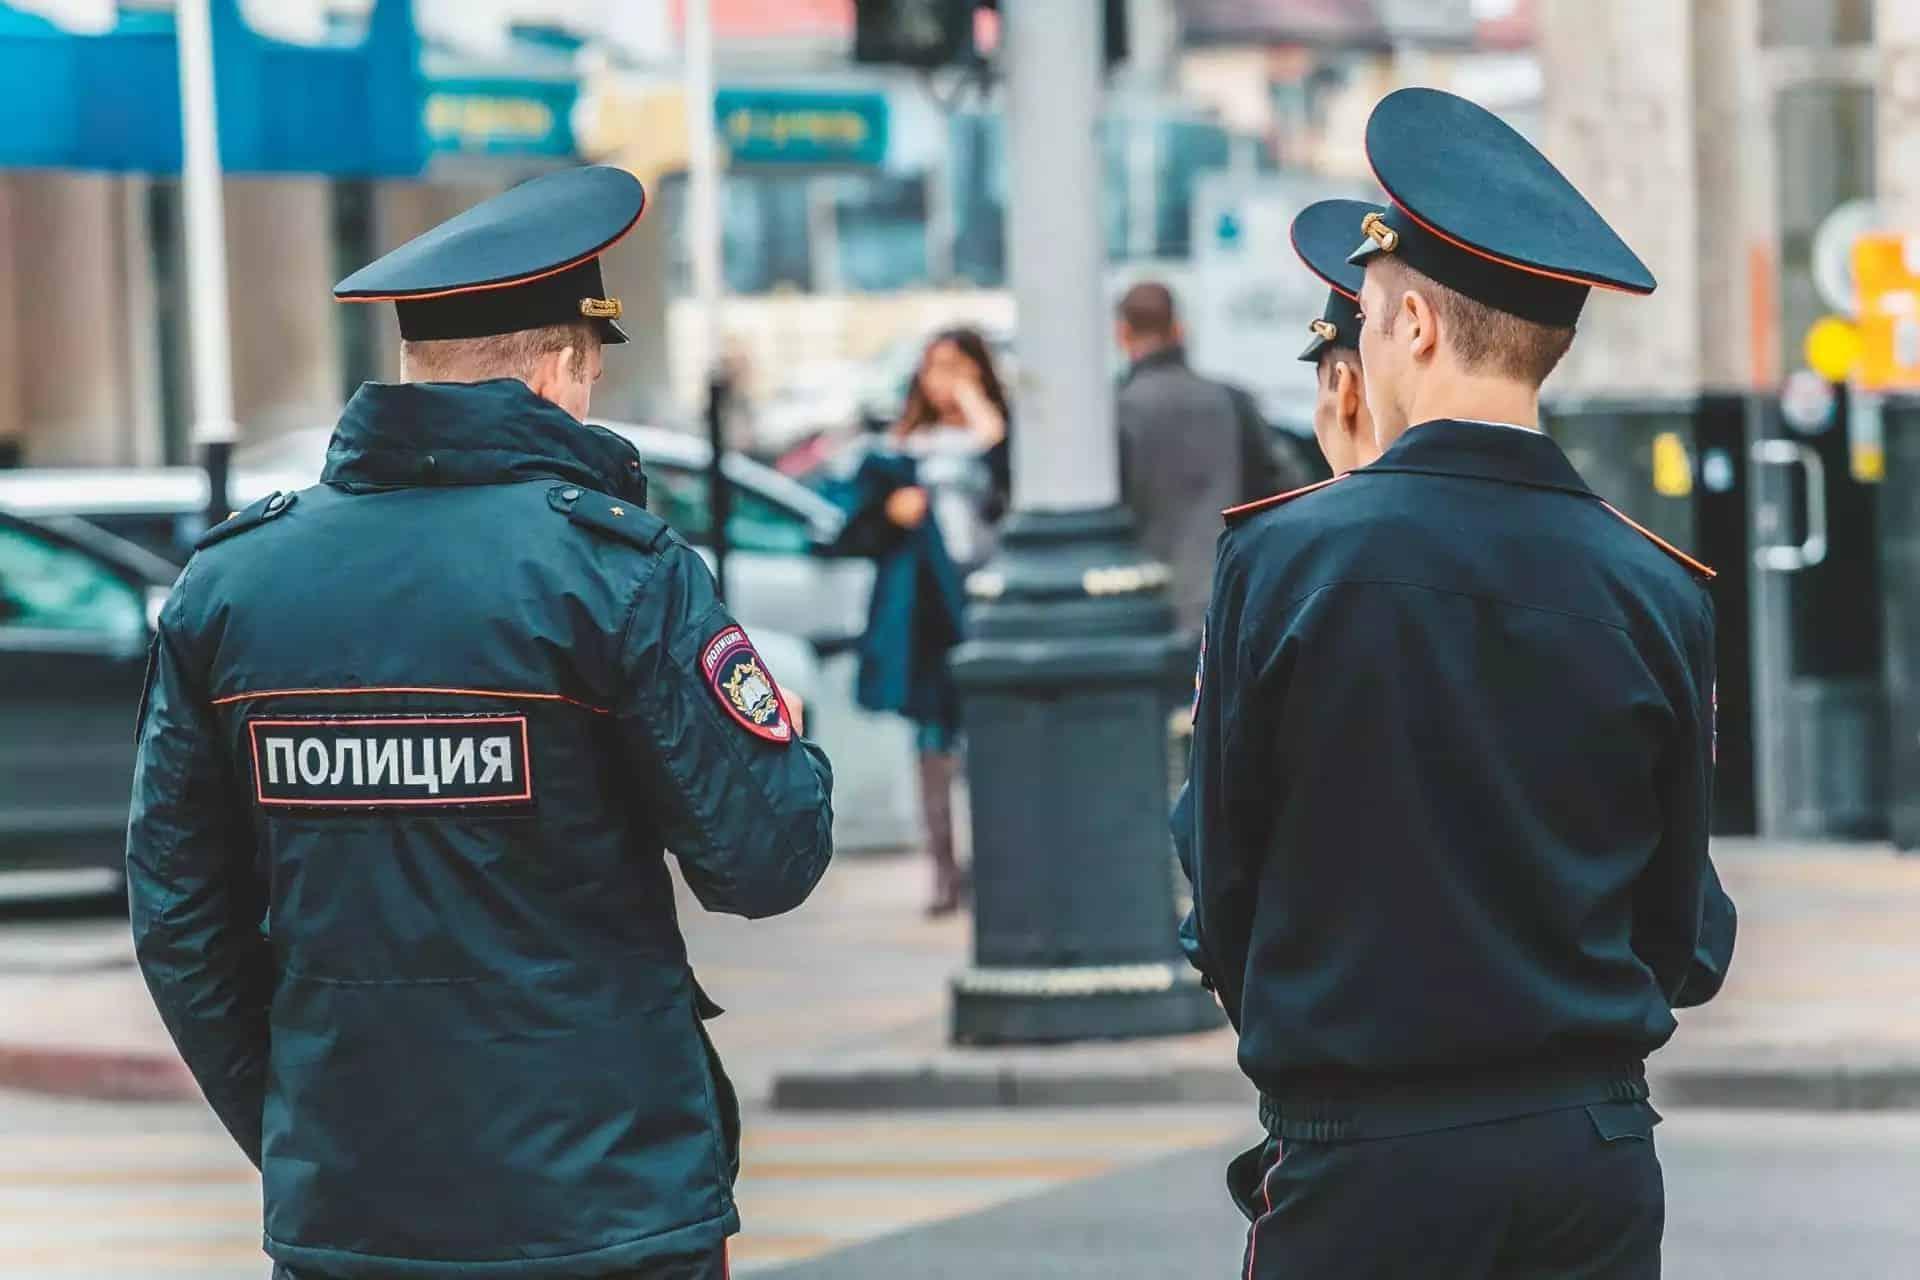 Повышение зарплаты полицейским с 1 октября 2019: на сколько поднимут, как формируется зарплата представителей полиции